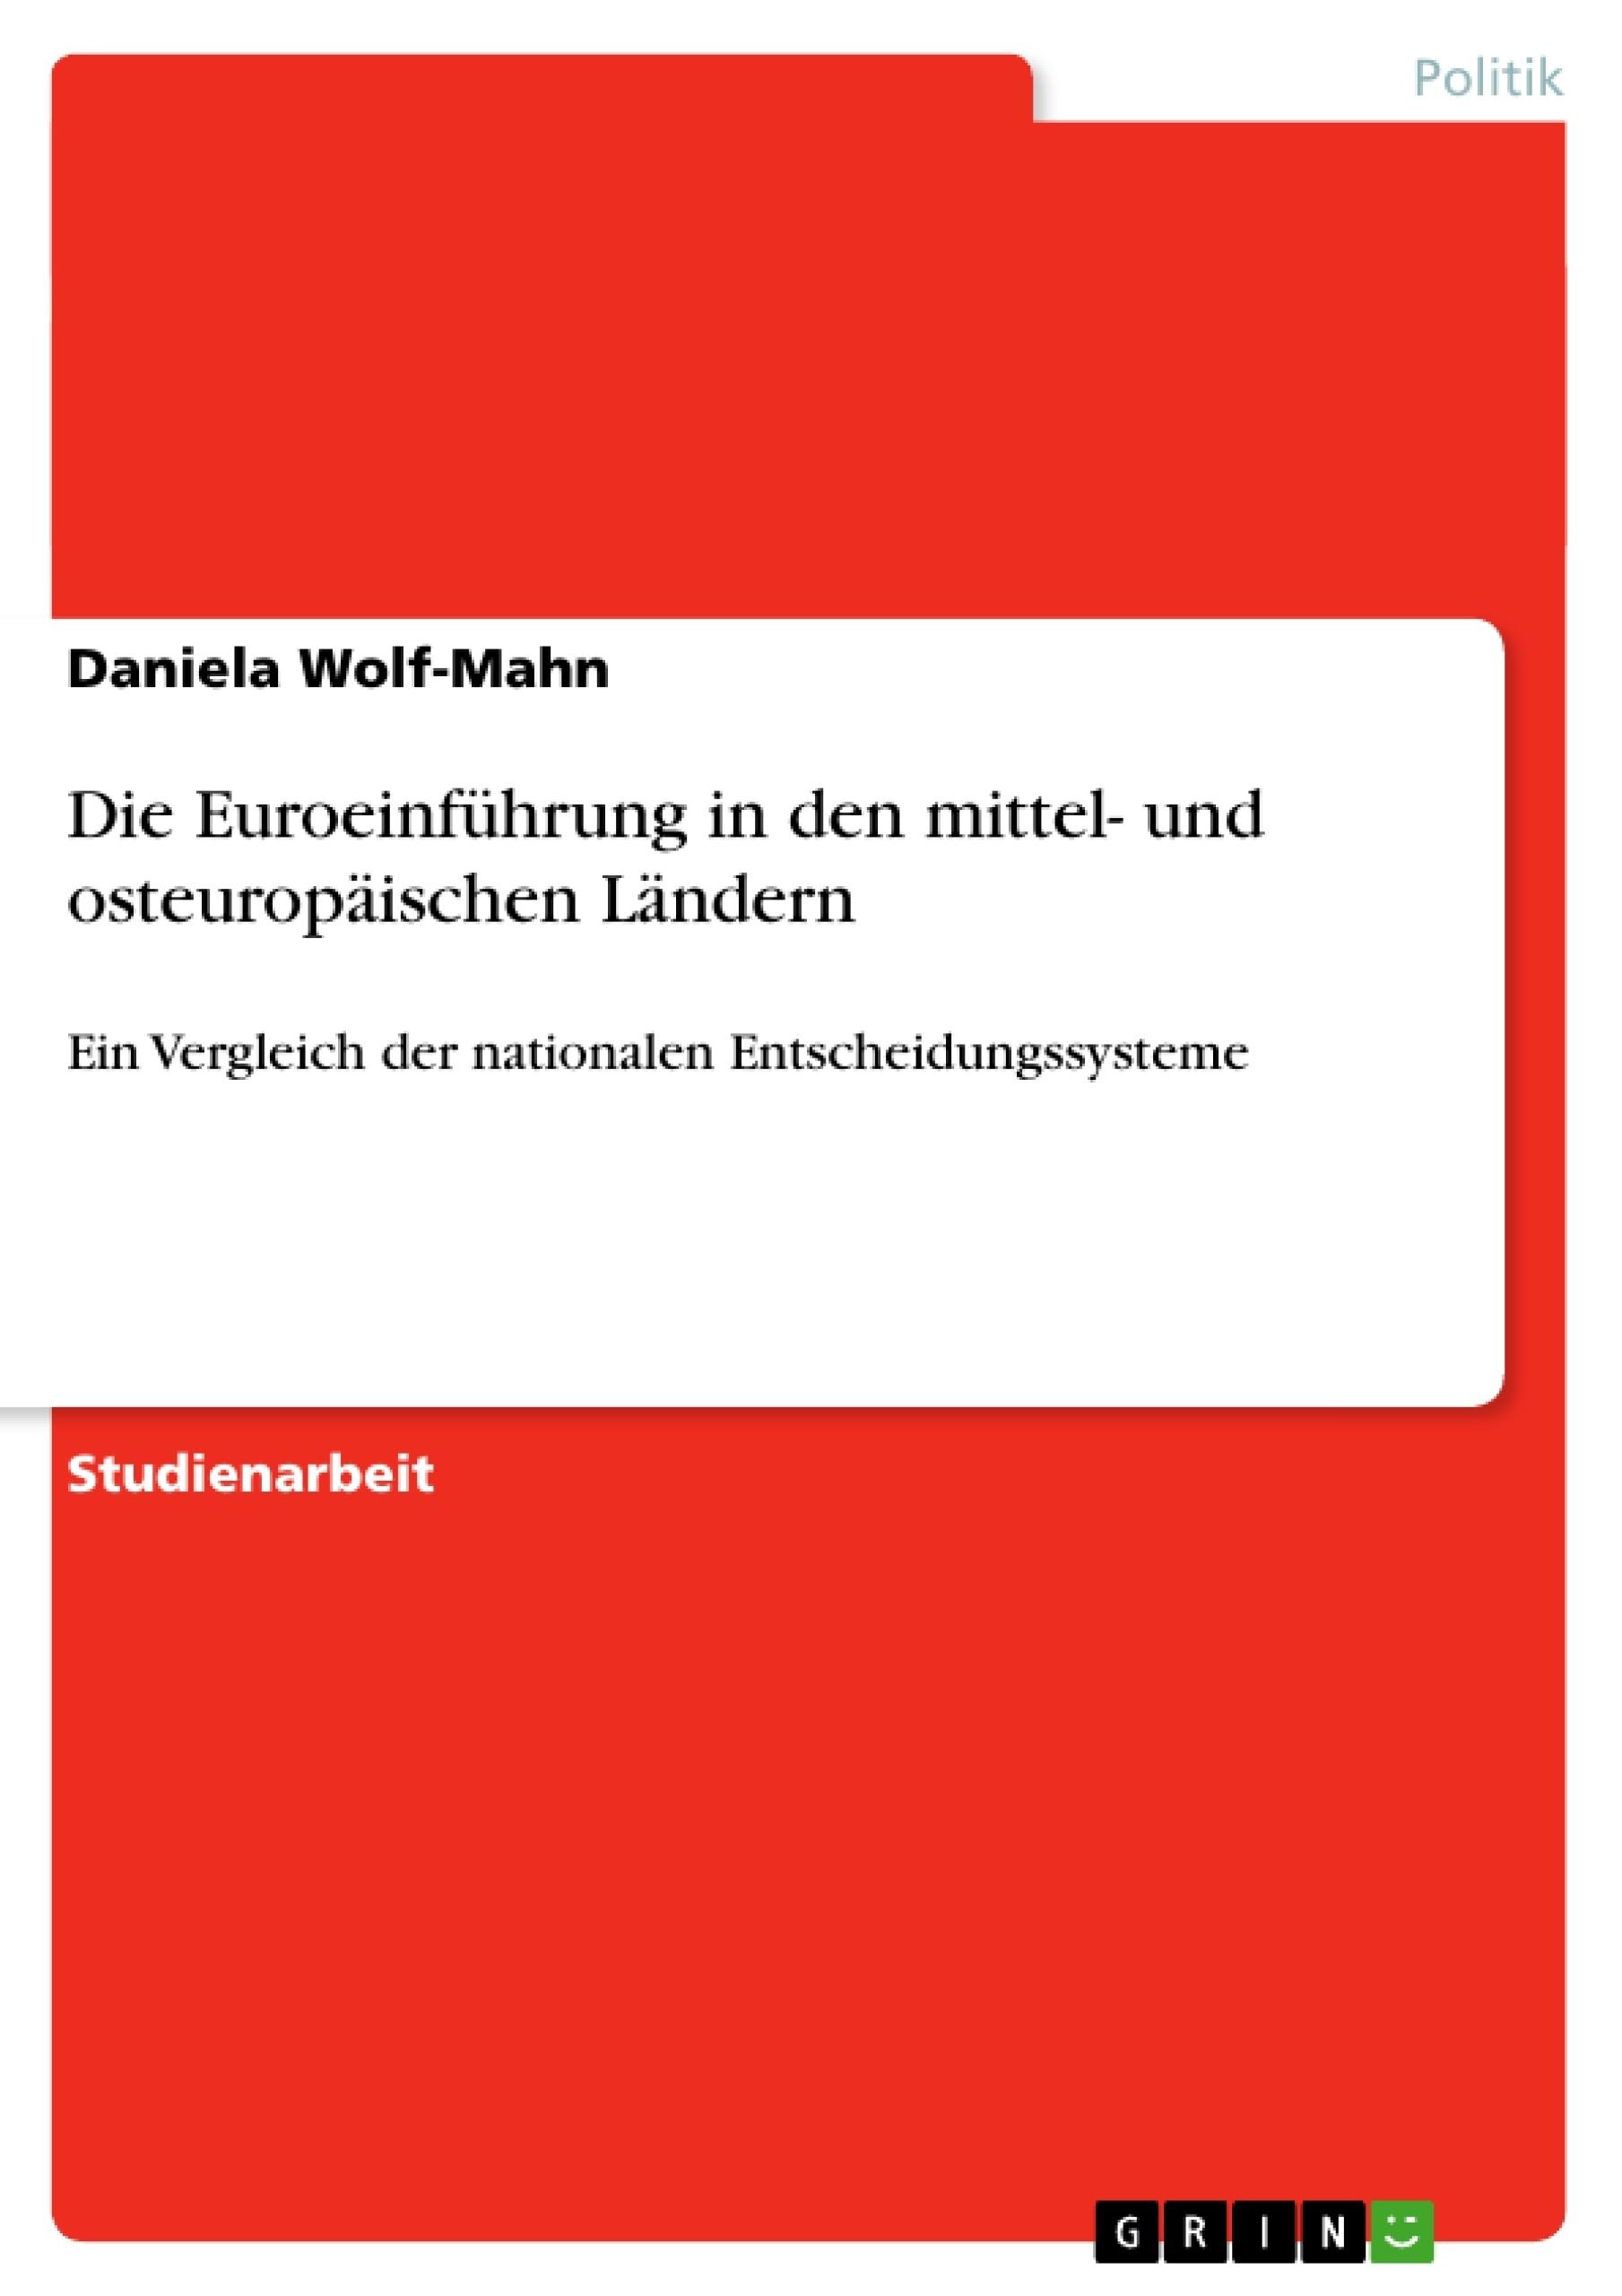 Titel: Die Euroeinführung in den mittel- und osteuropäischen Ländern